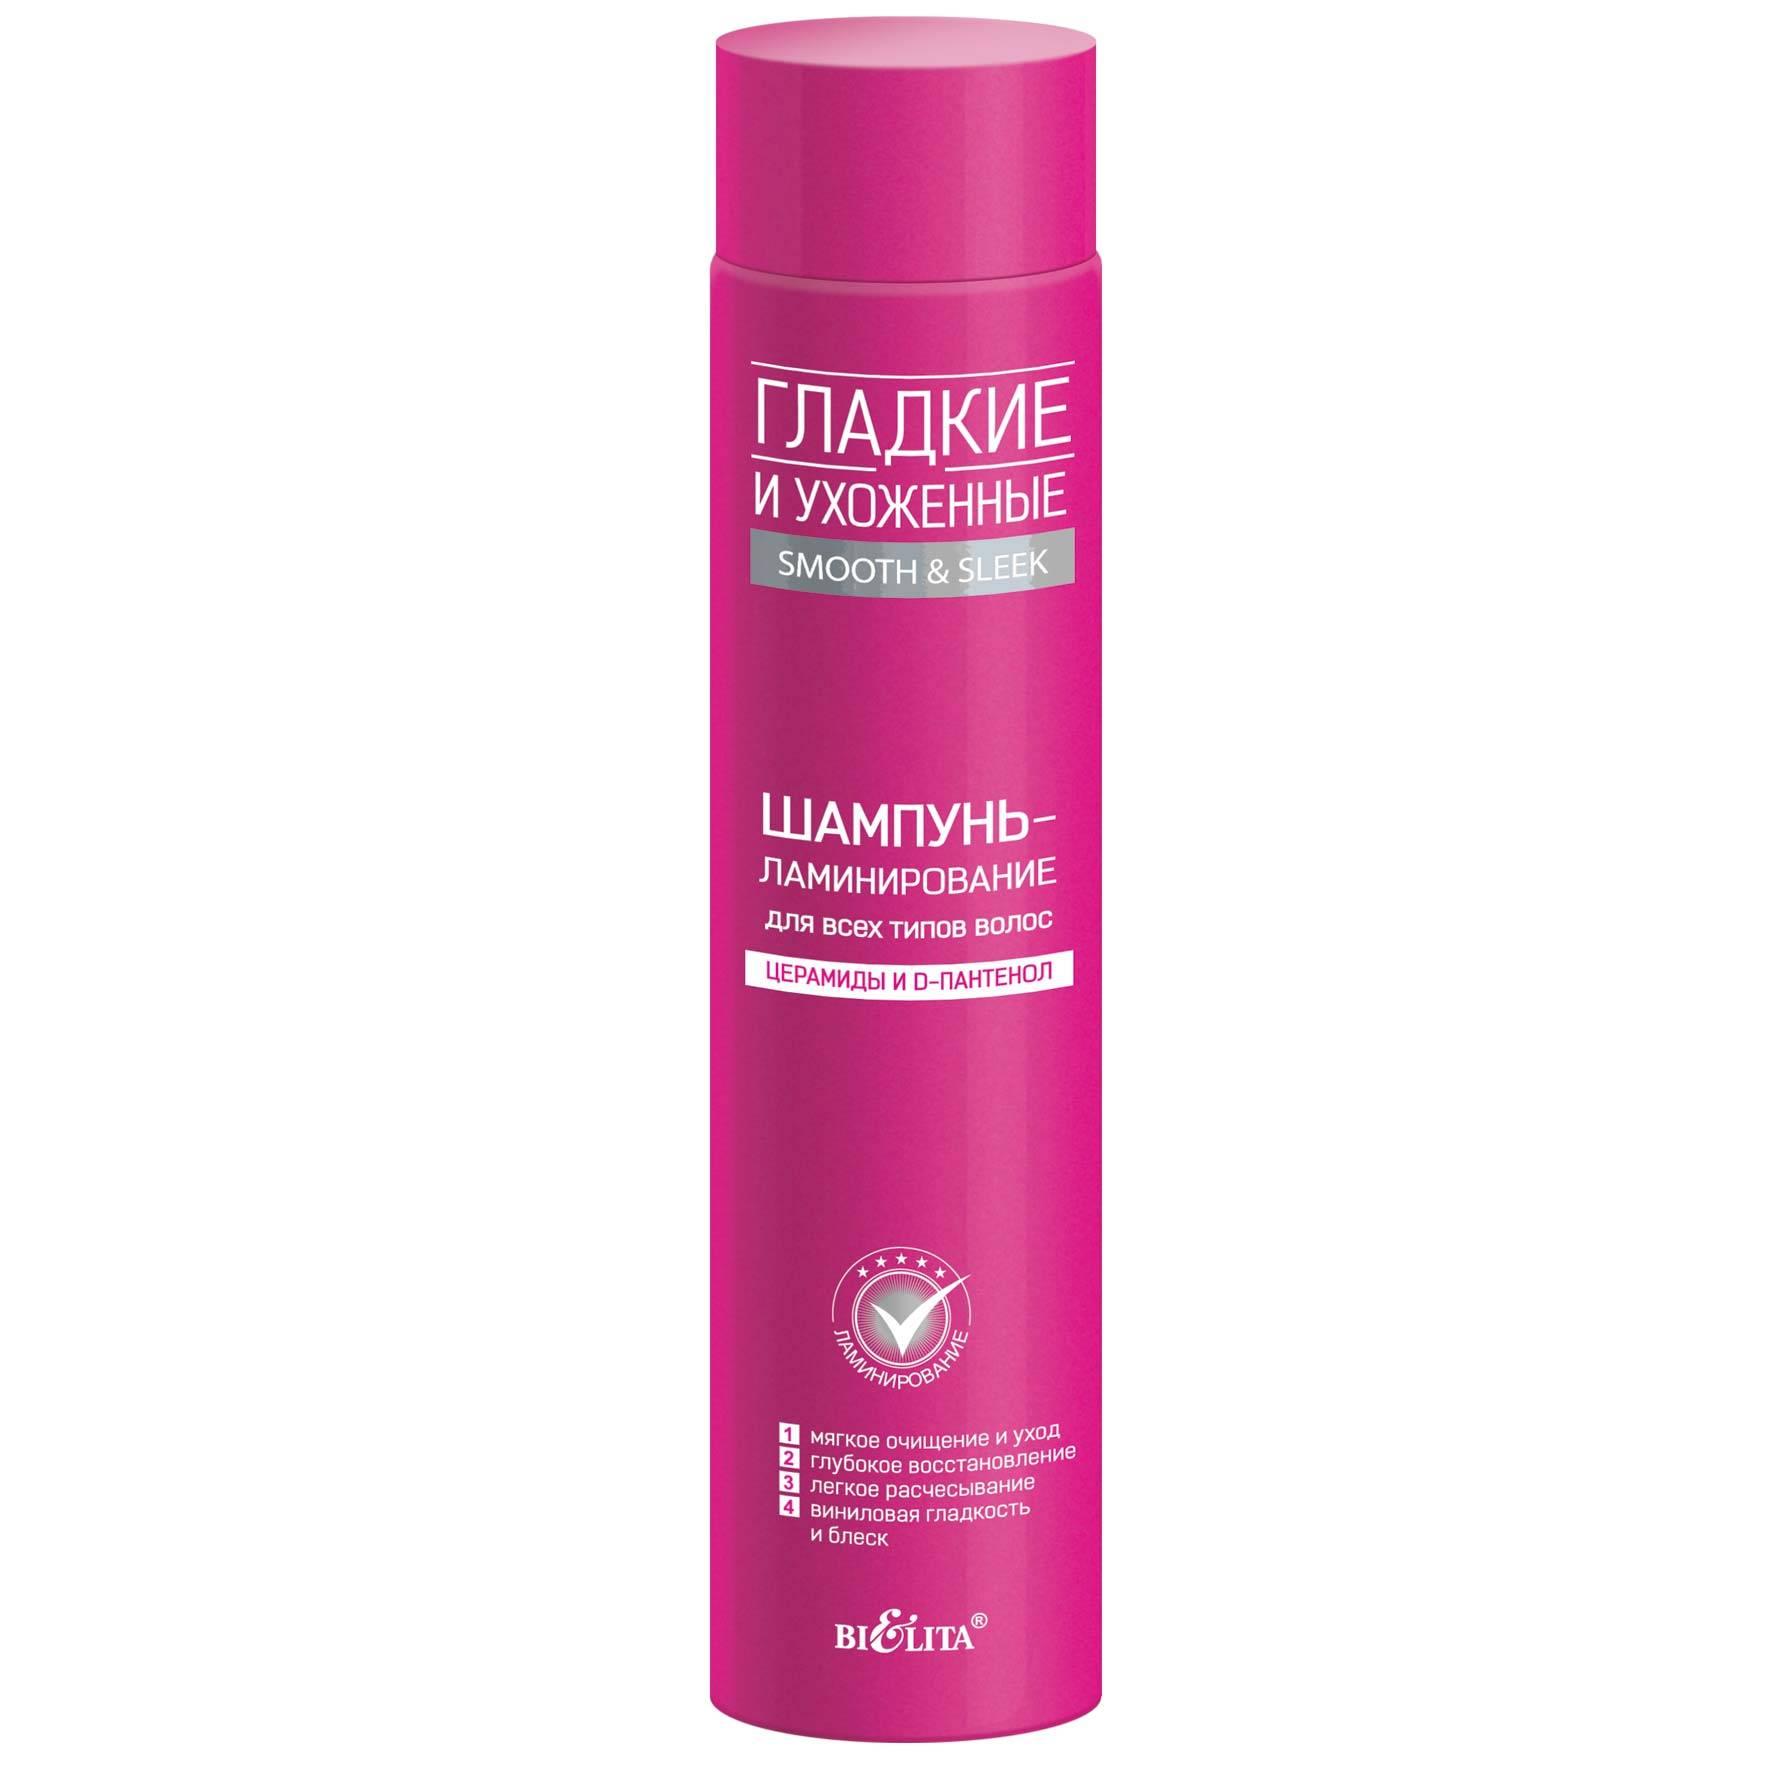 Выбираем шампунь с кератином для волос